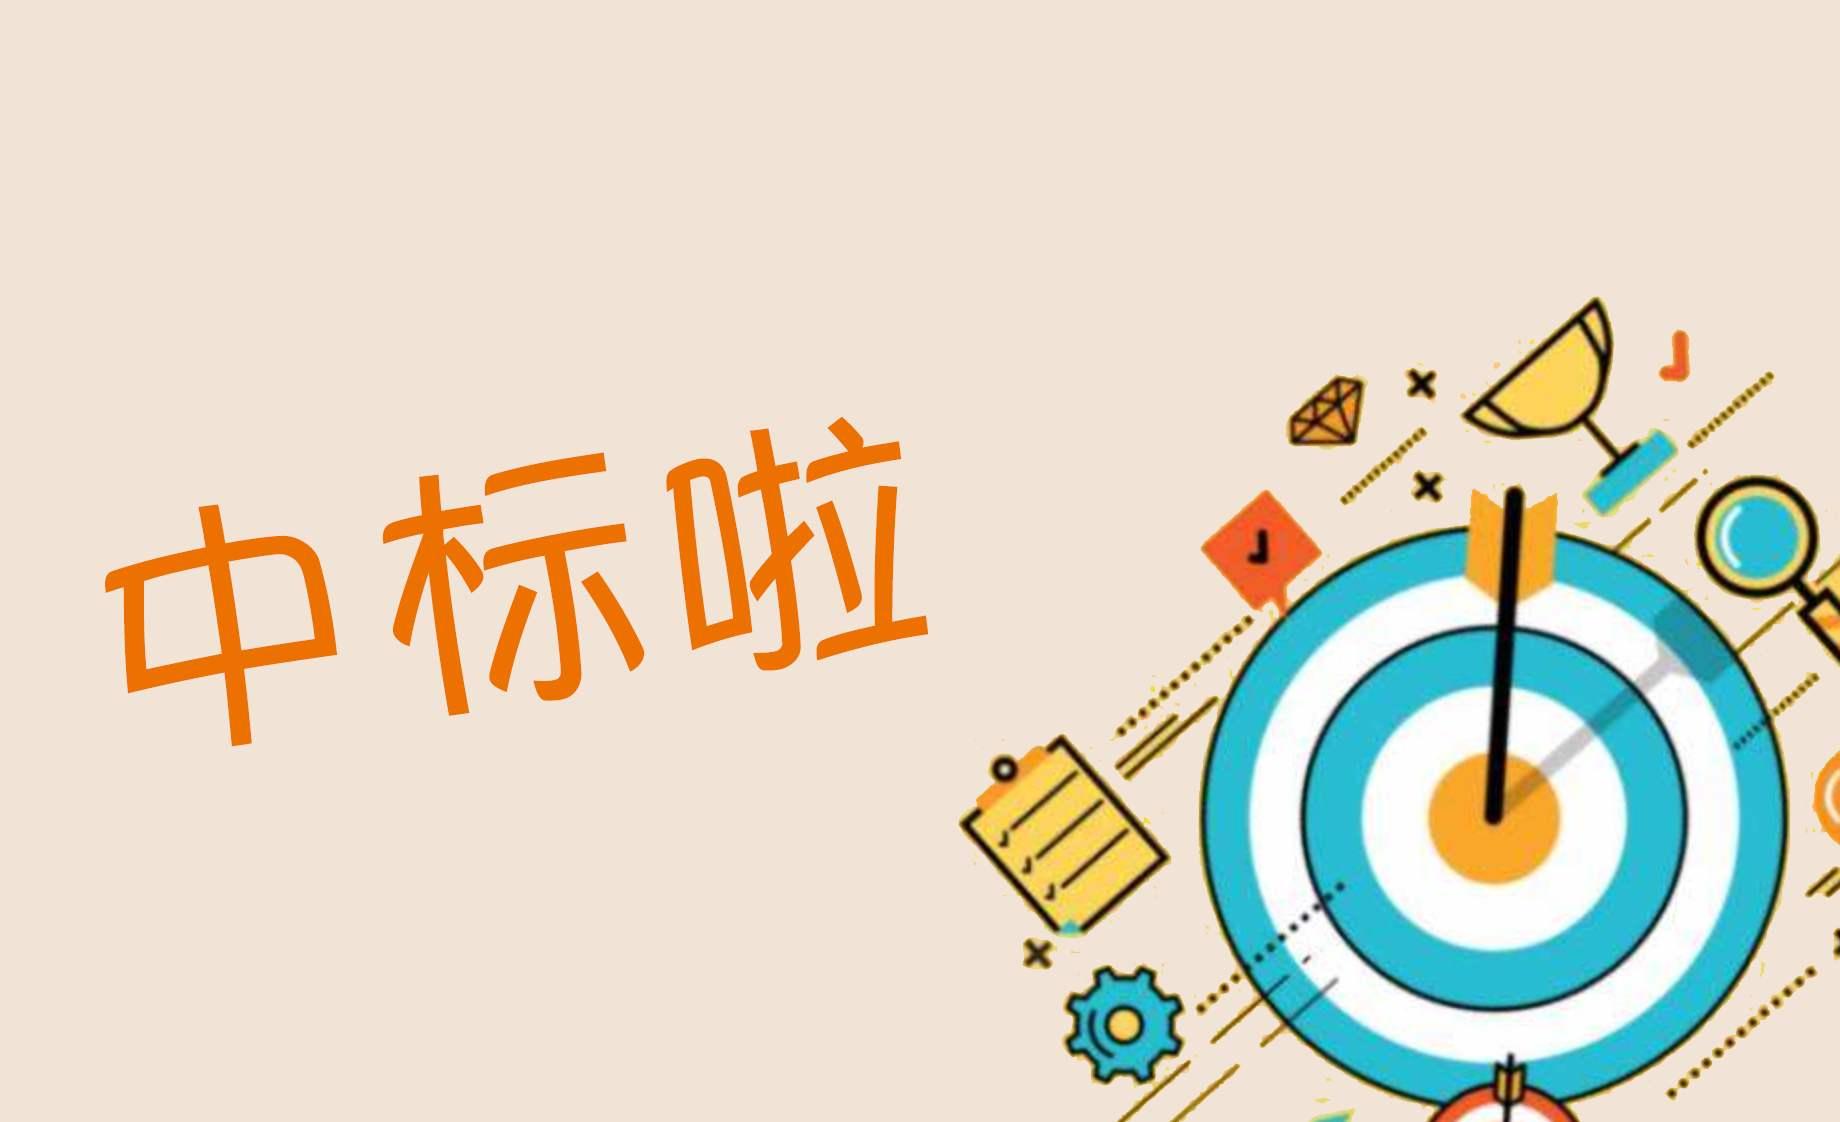 金润股份中标中国核工业二三建设有限公司核化工工程项目